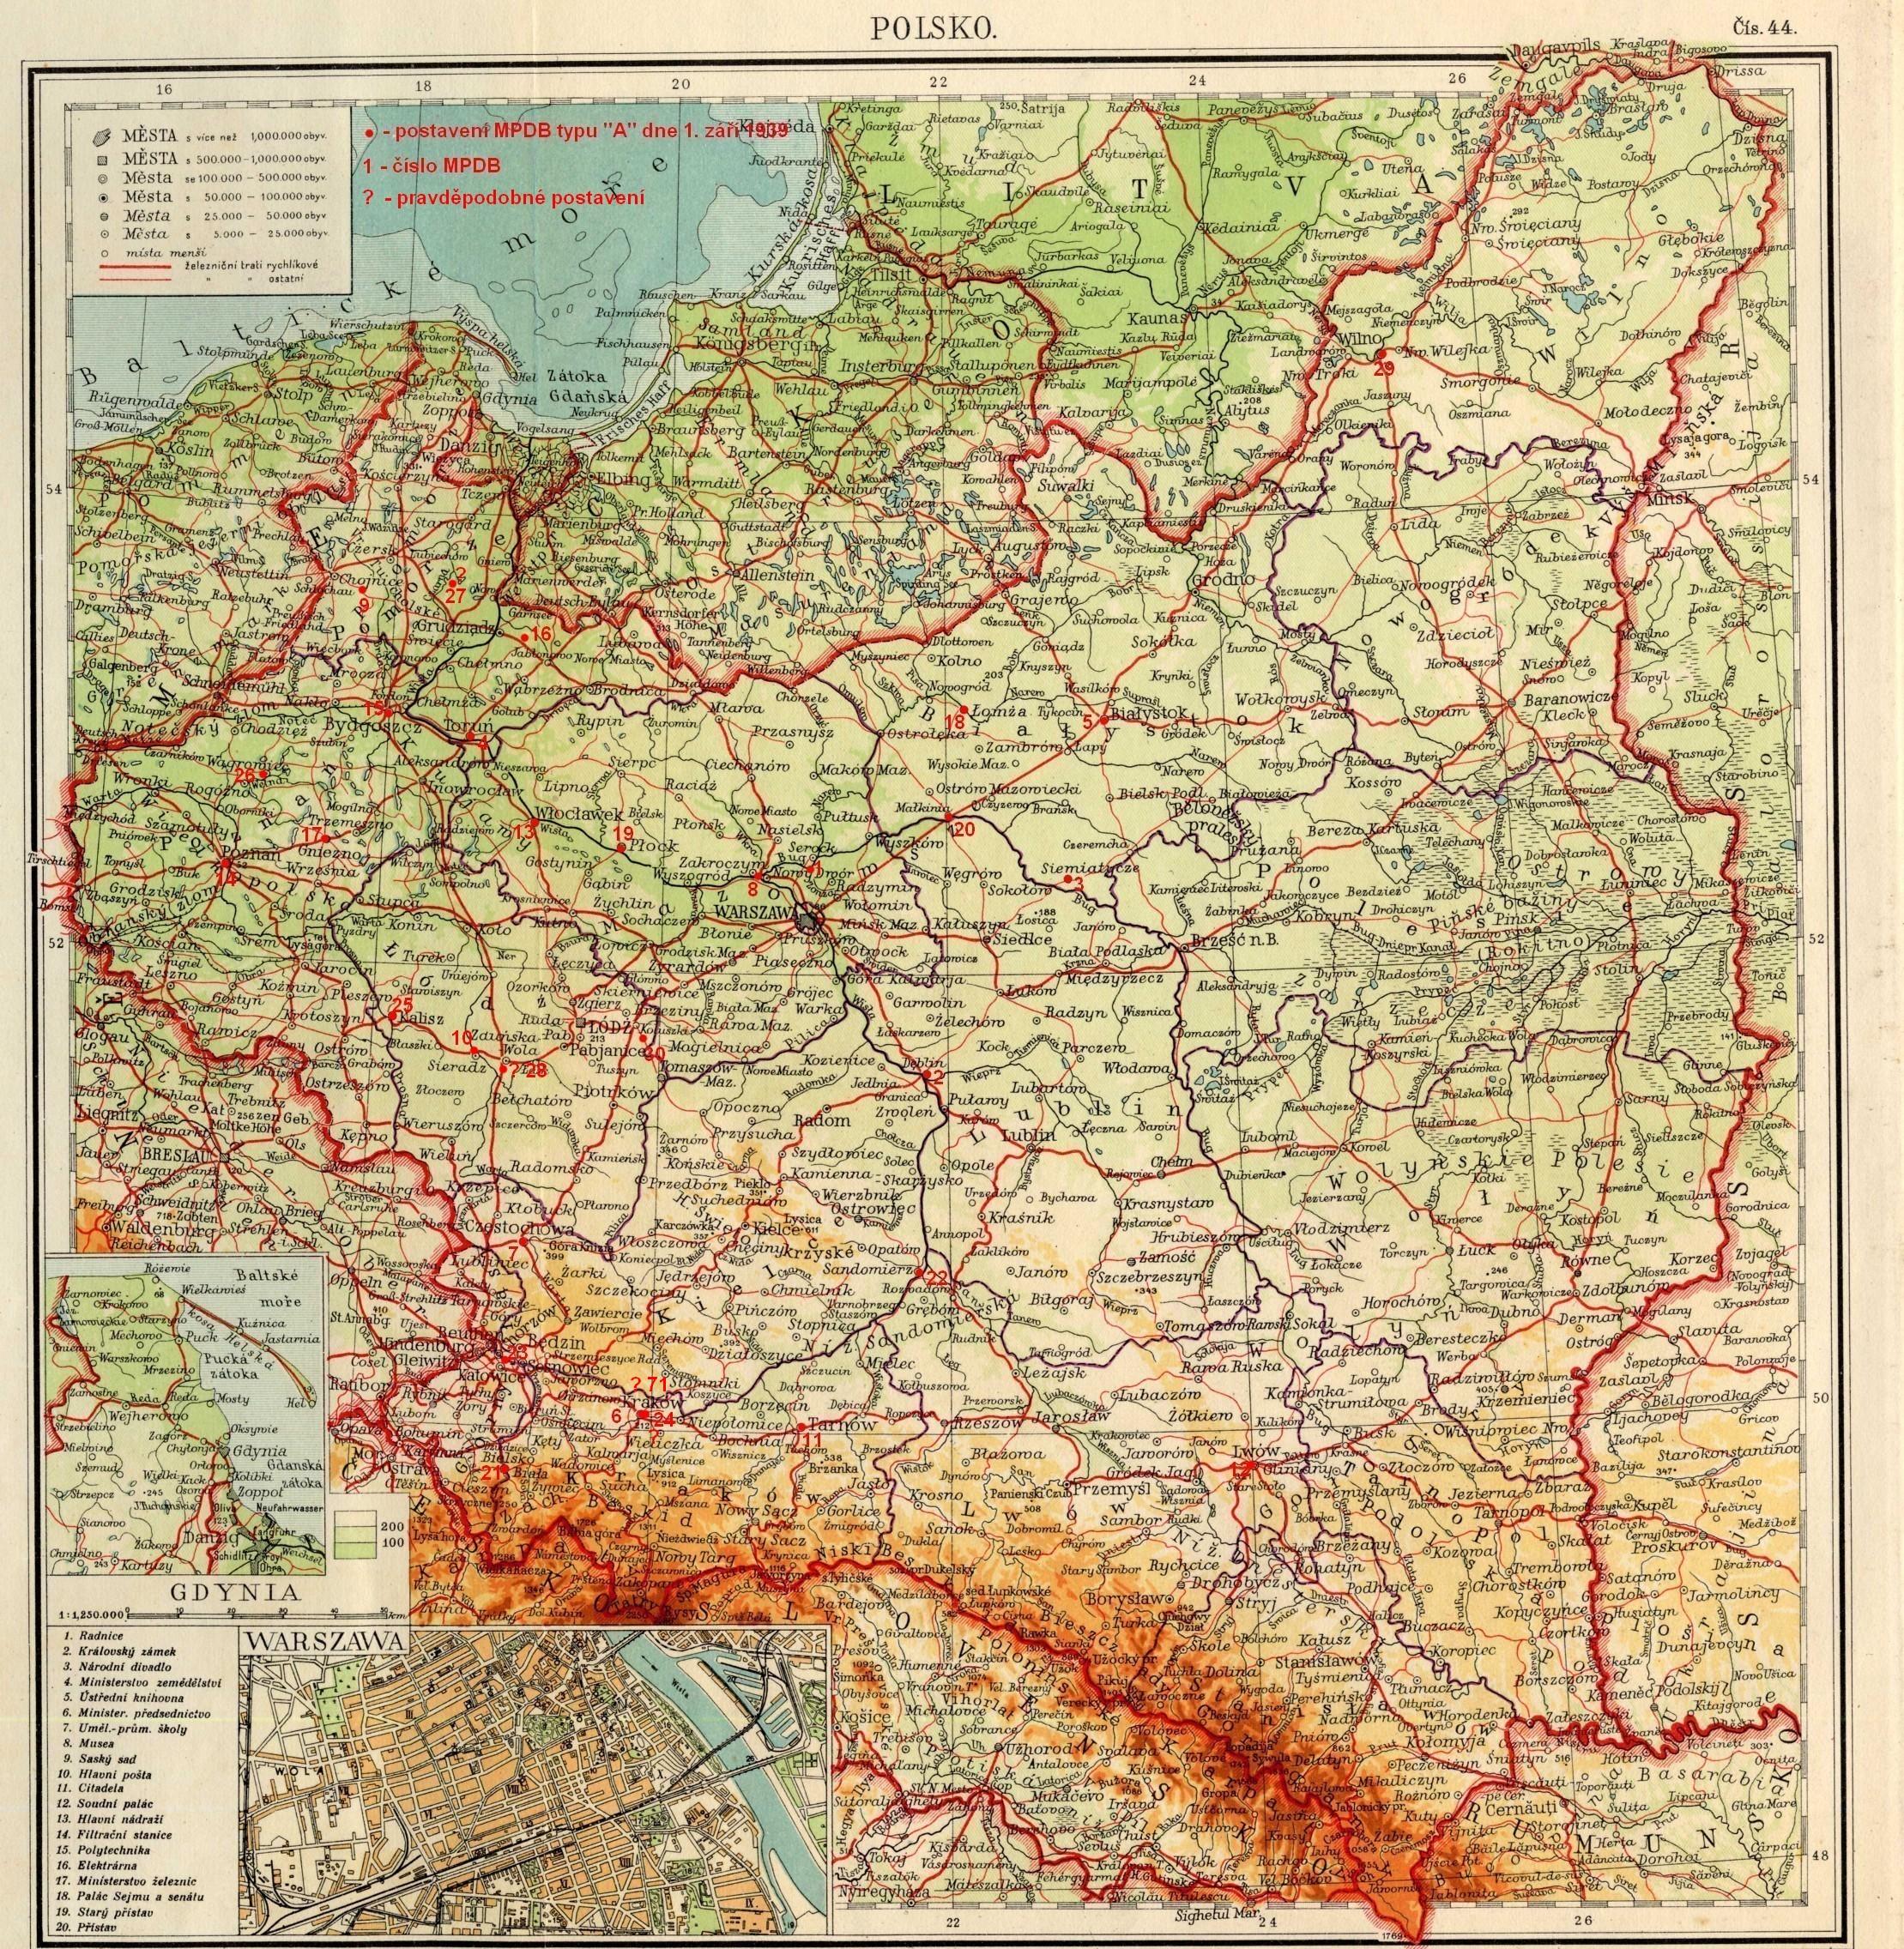 Mapa Polski Switchsecuritycompanies